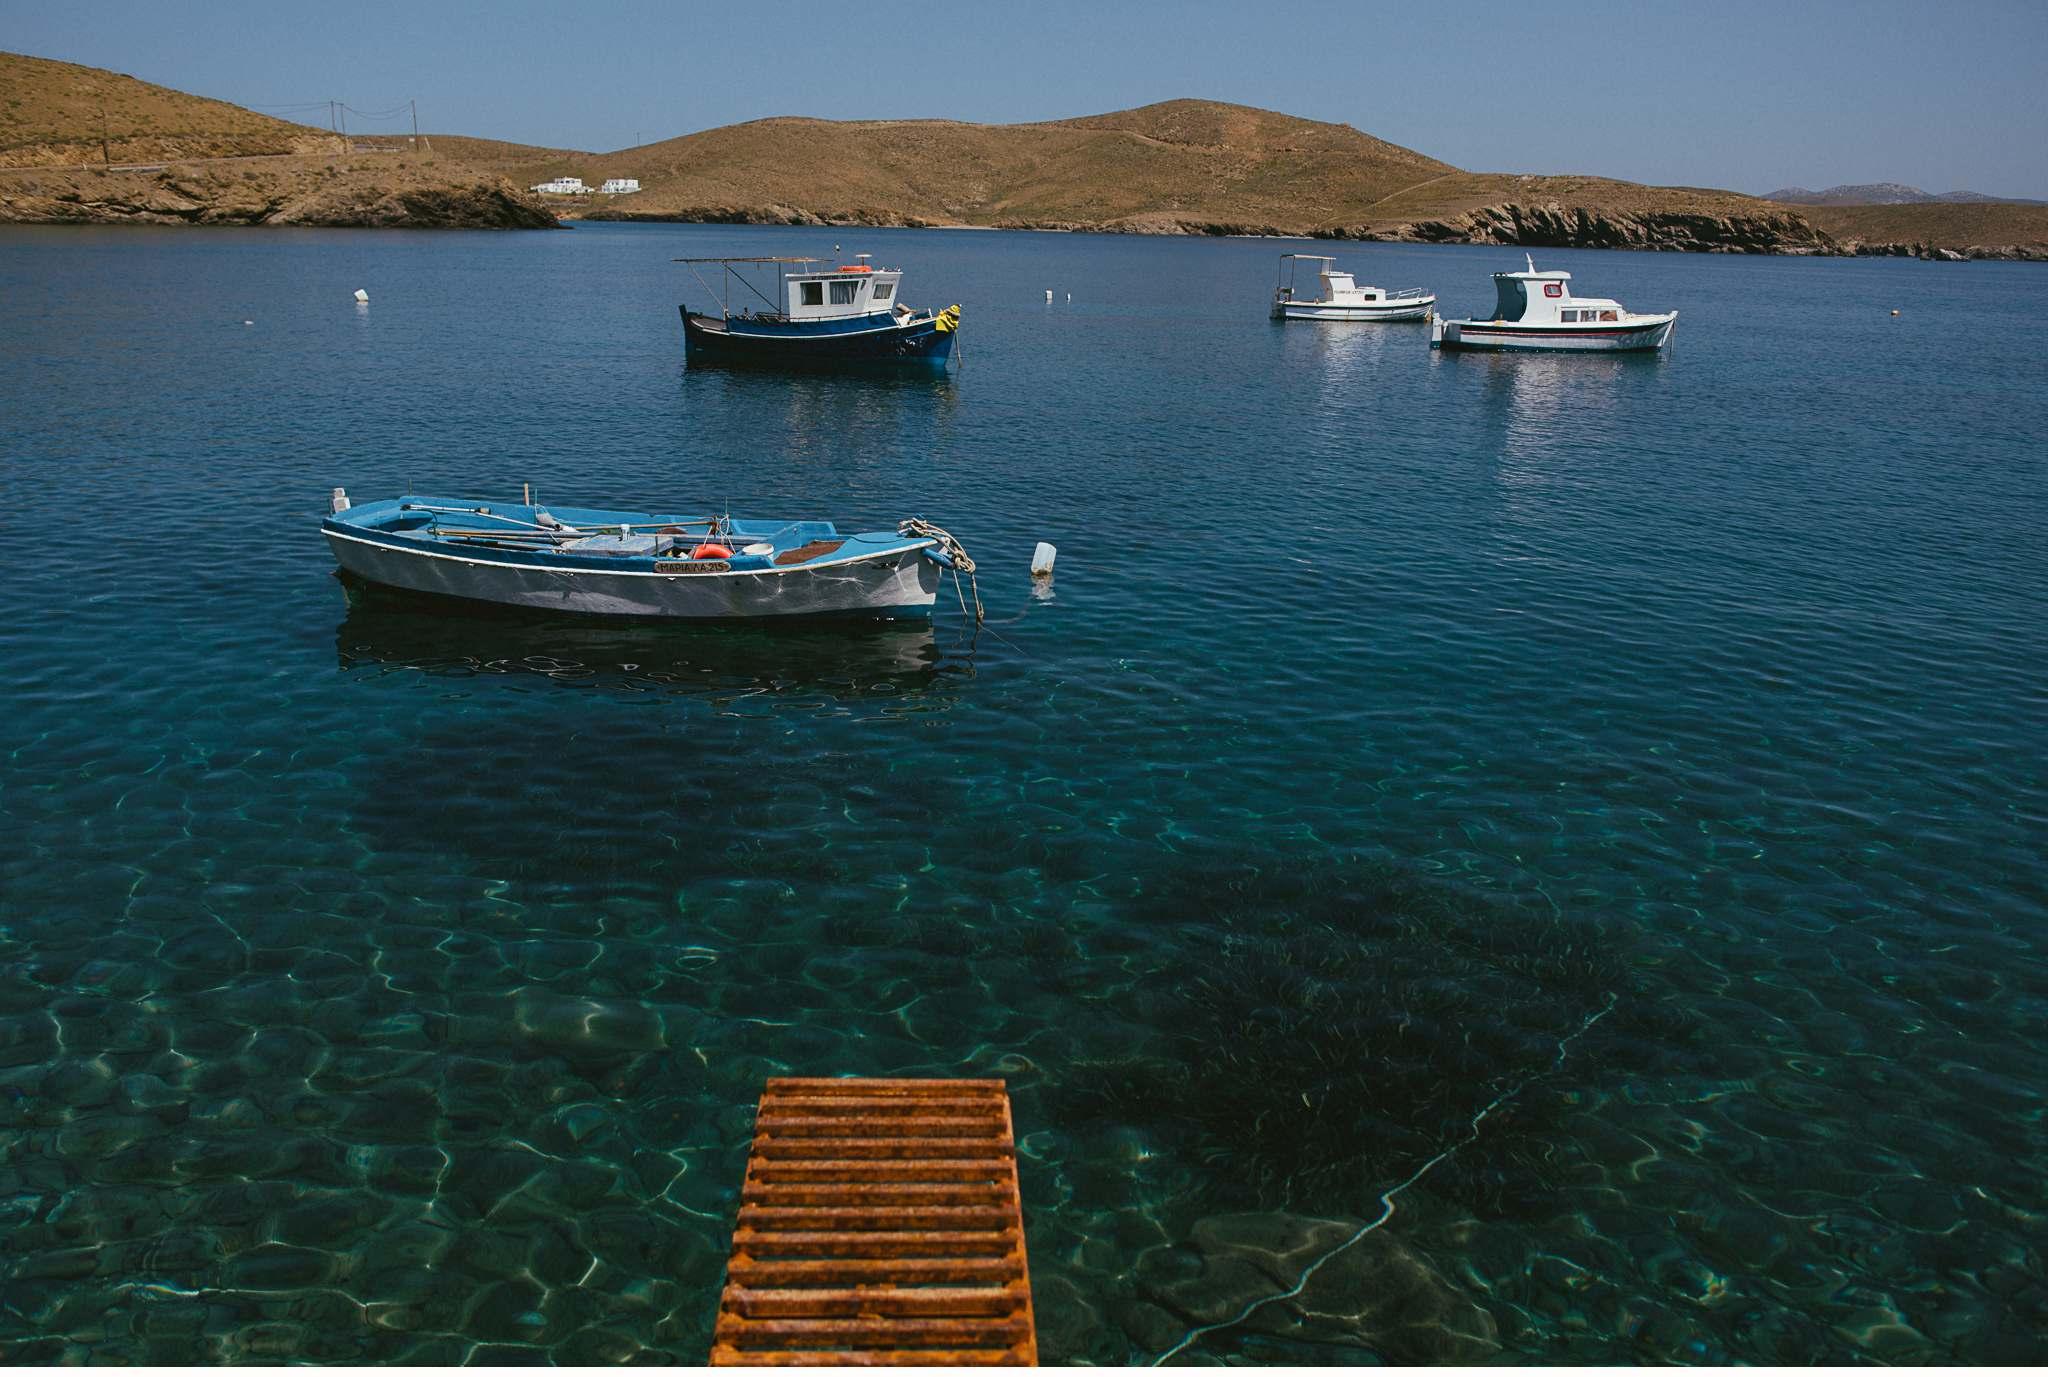 Astypalea - greek Island in the Aegaen sea - Geschichten von unterwegs - Foto Daniel Kempf-Seifried-43